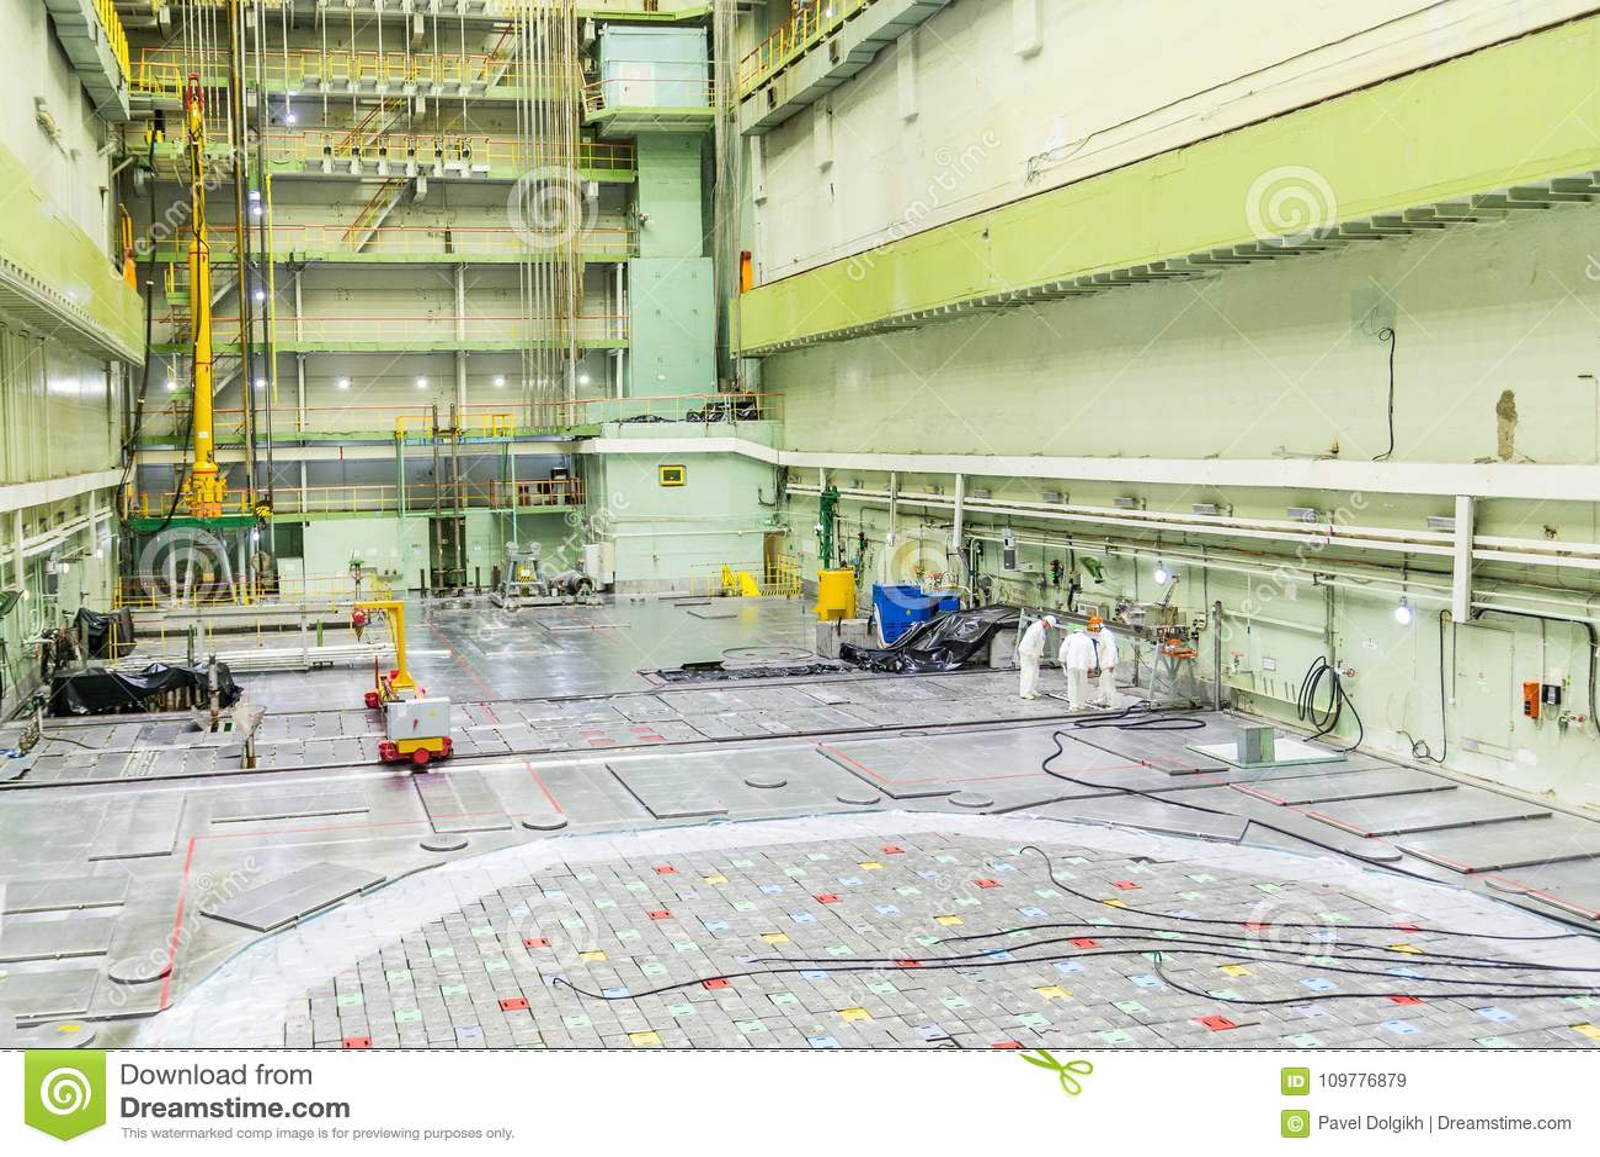 Sitio del reactor Tapa del reactor nuclear, mantenimiento de equipo y reemplazo de los elementos combustibles del reactor